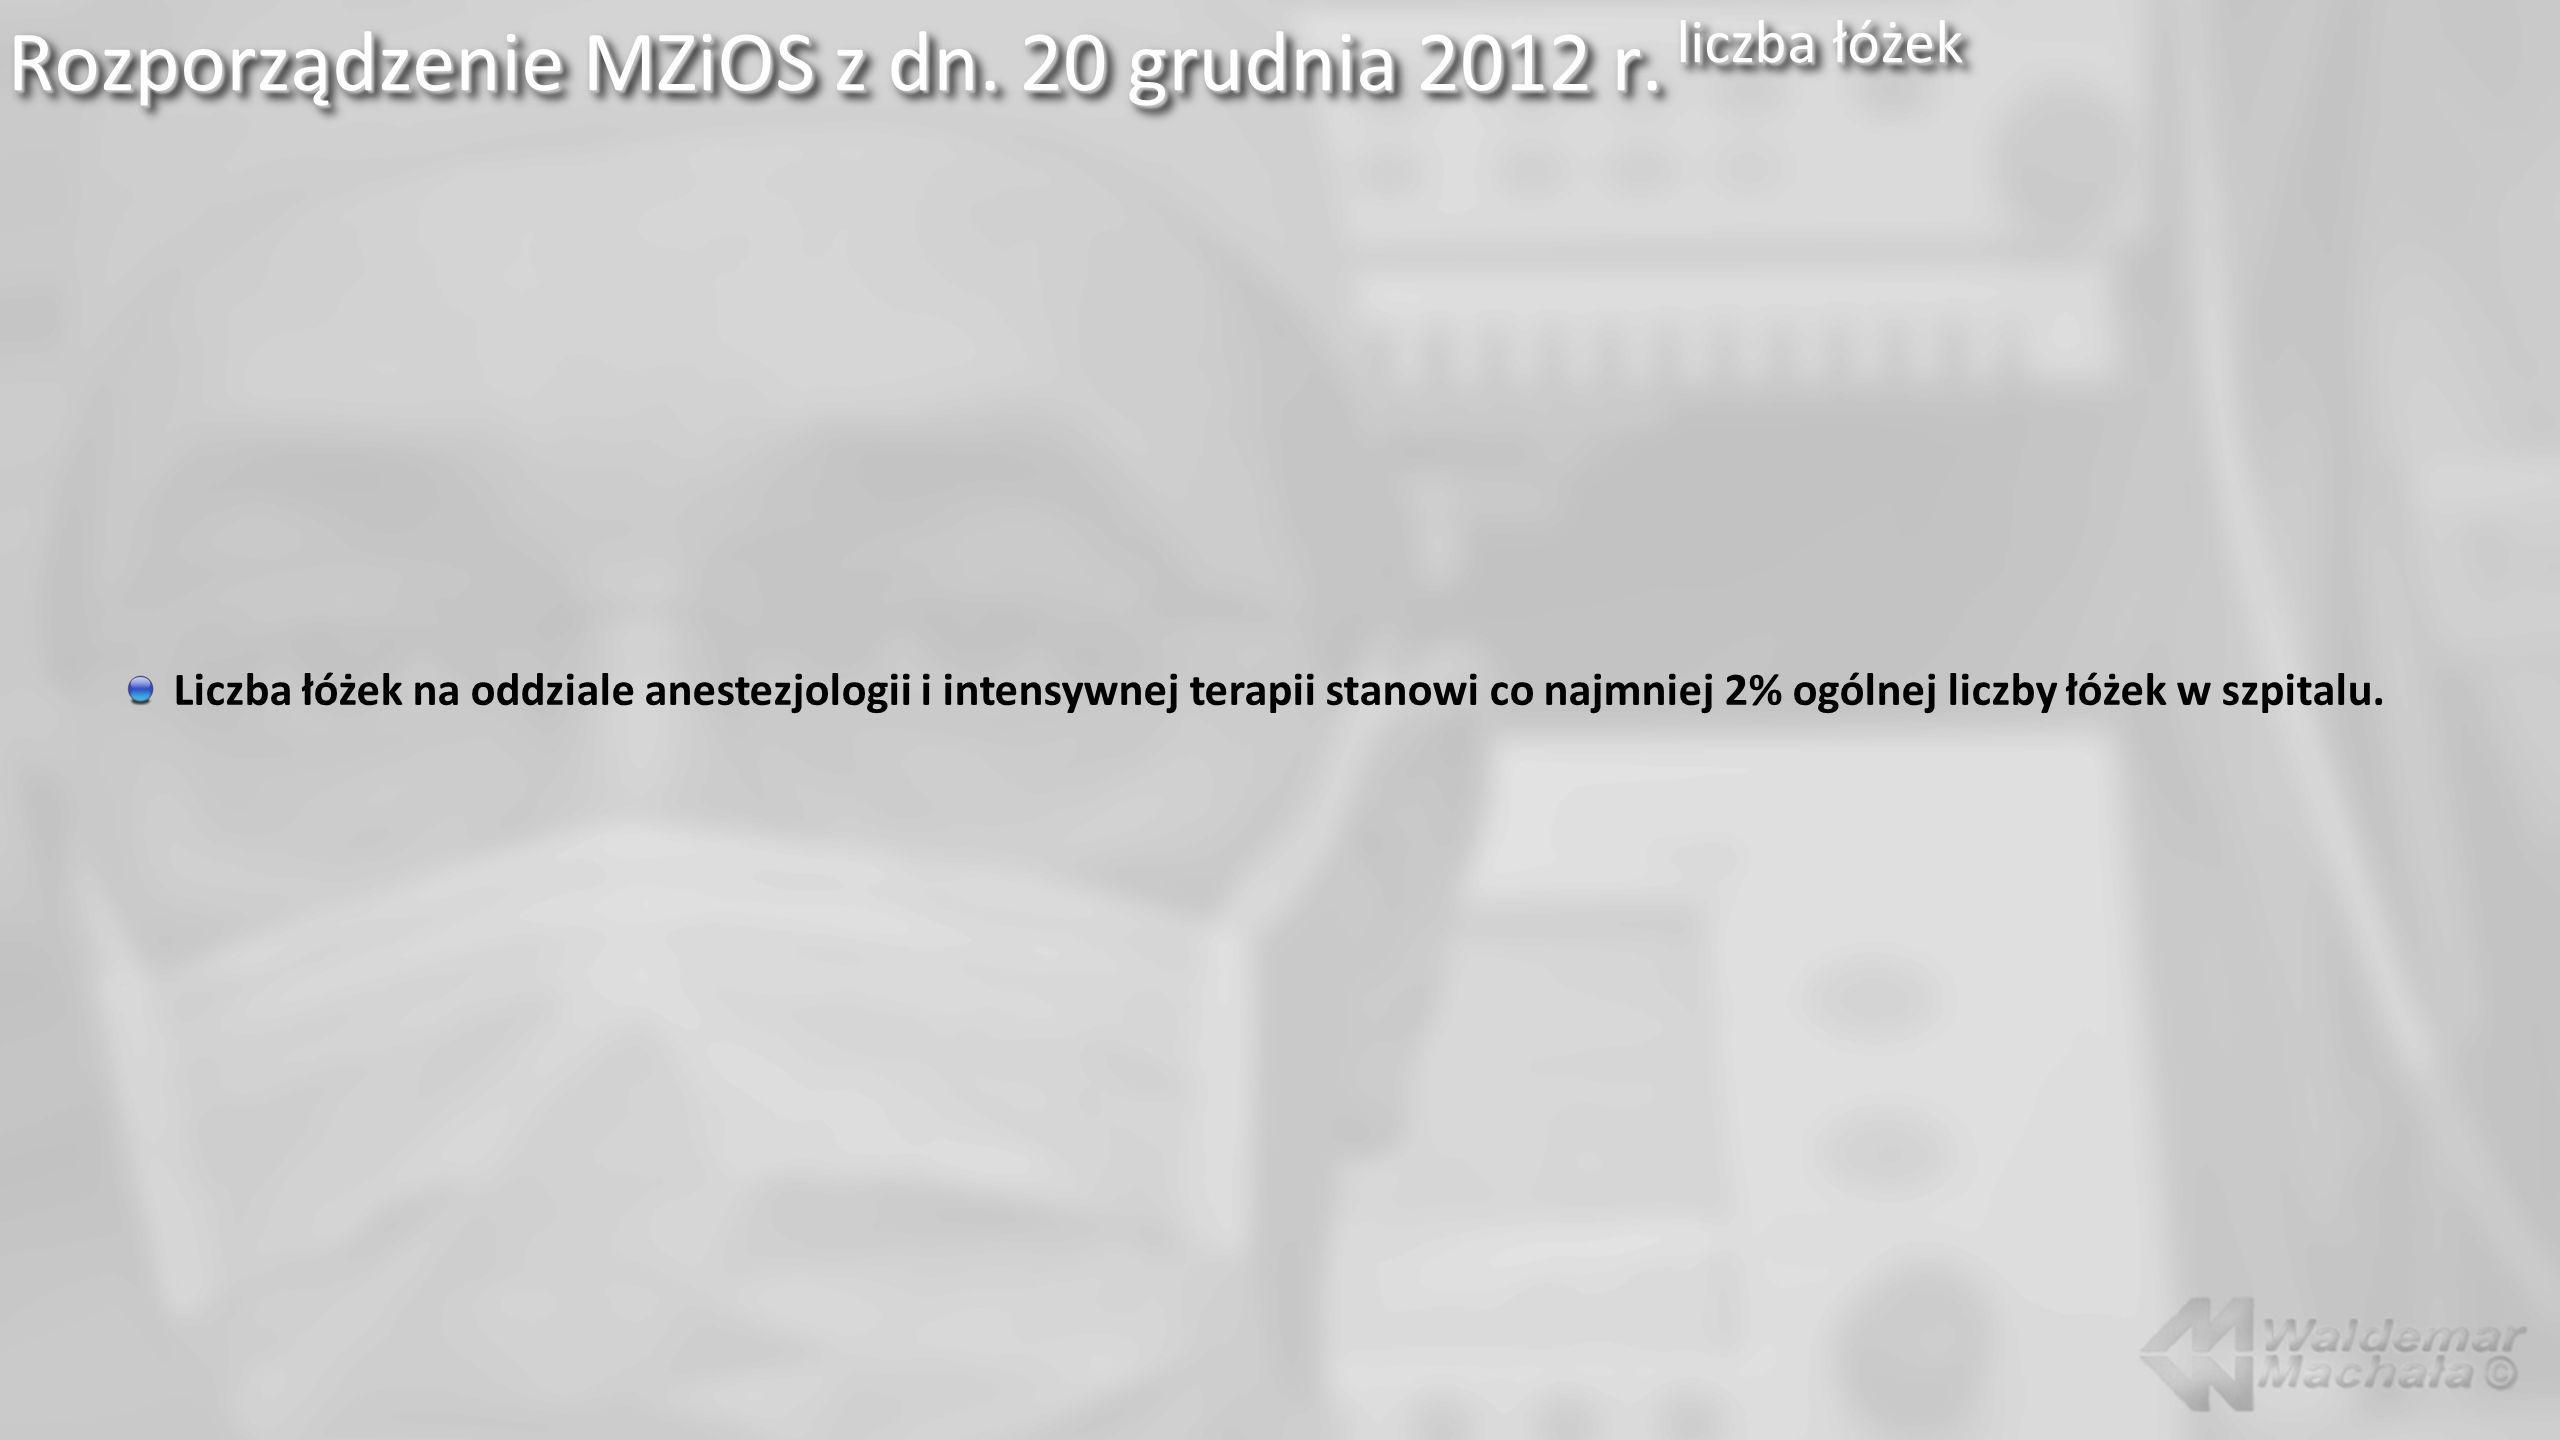 Rozporządzenie MZiOS z dn. 20 grudnia 2012 r. Rodzaje czynności medycznych wykonywanych w OAiIT